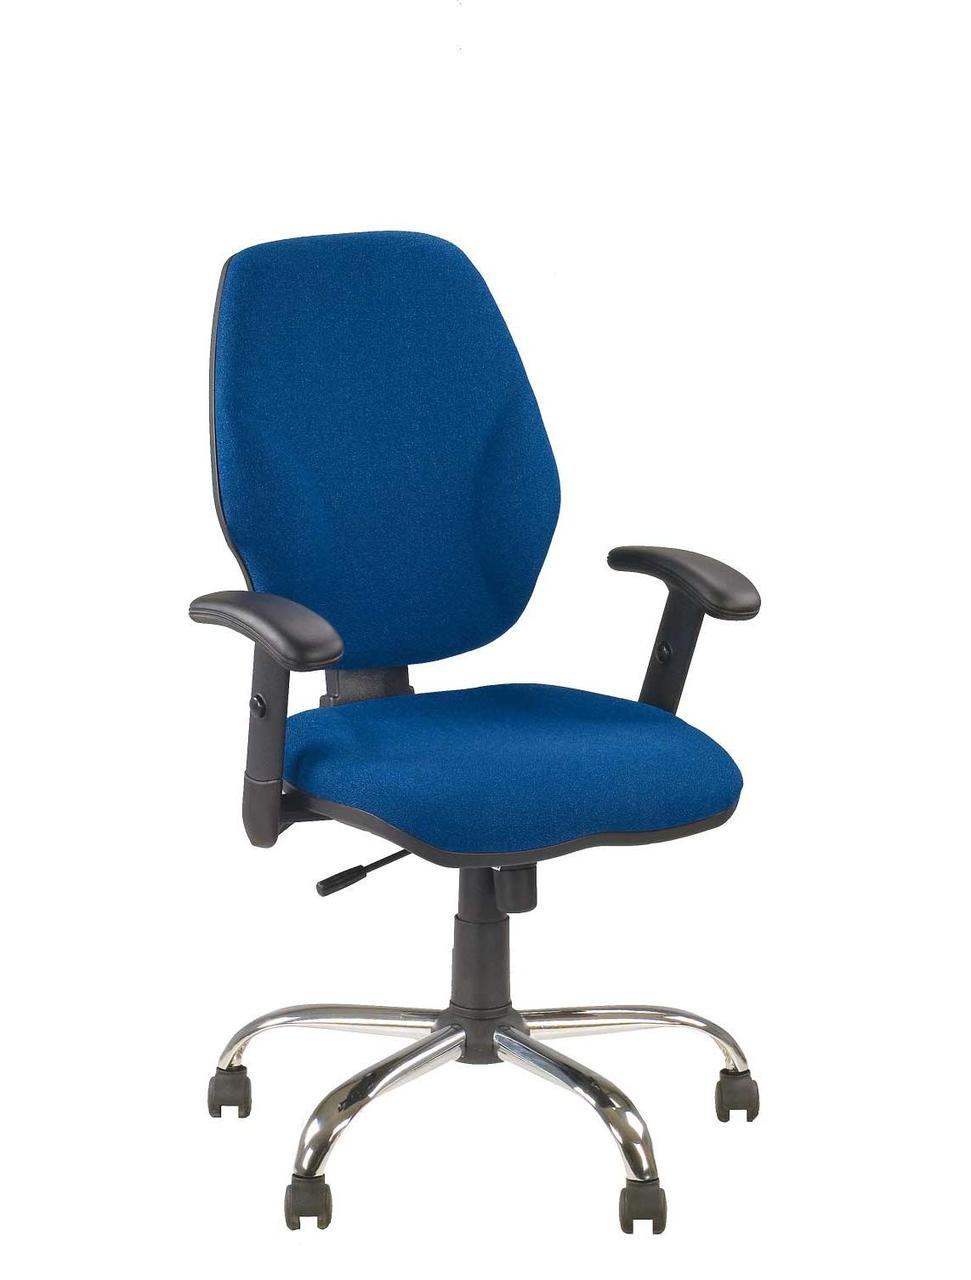 Крісло офісне Master GTR Ergo window механізм Active1 хрестовина CHR68, тканина З-6 (Новий Стиль ТМ)